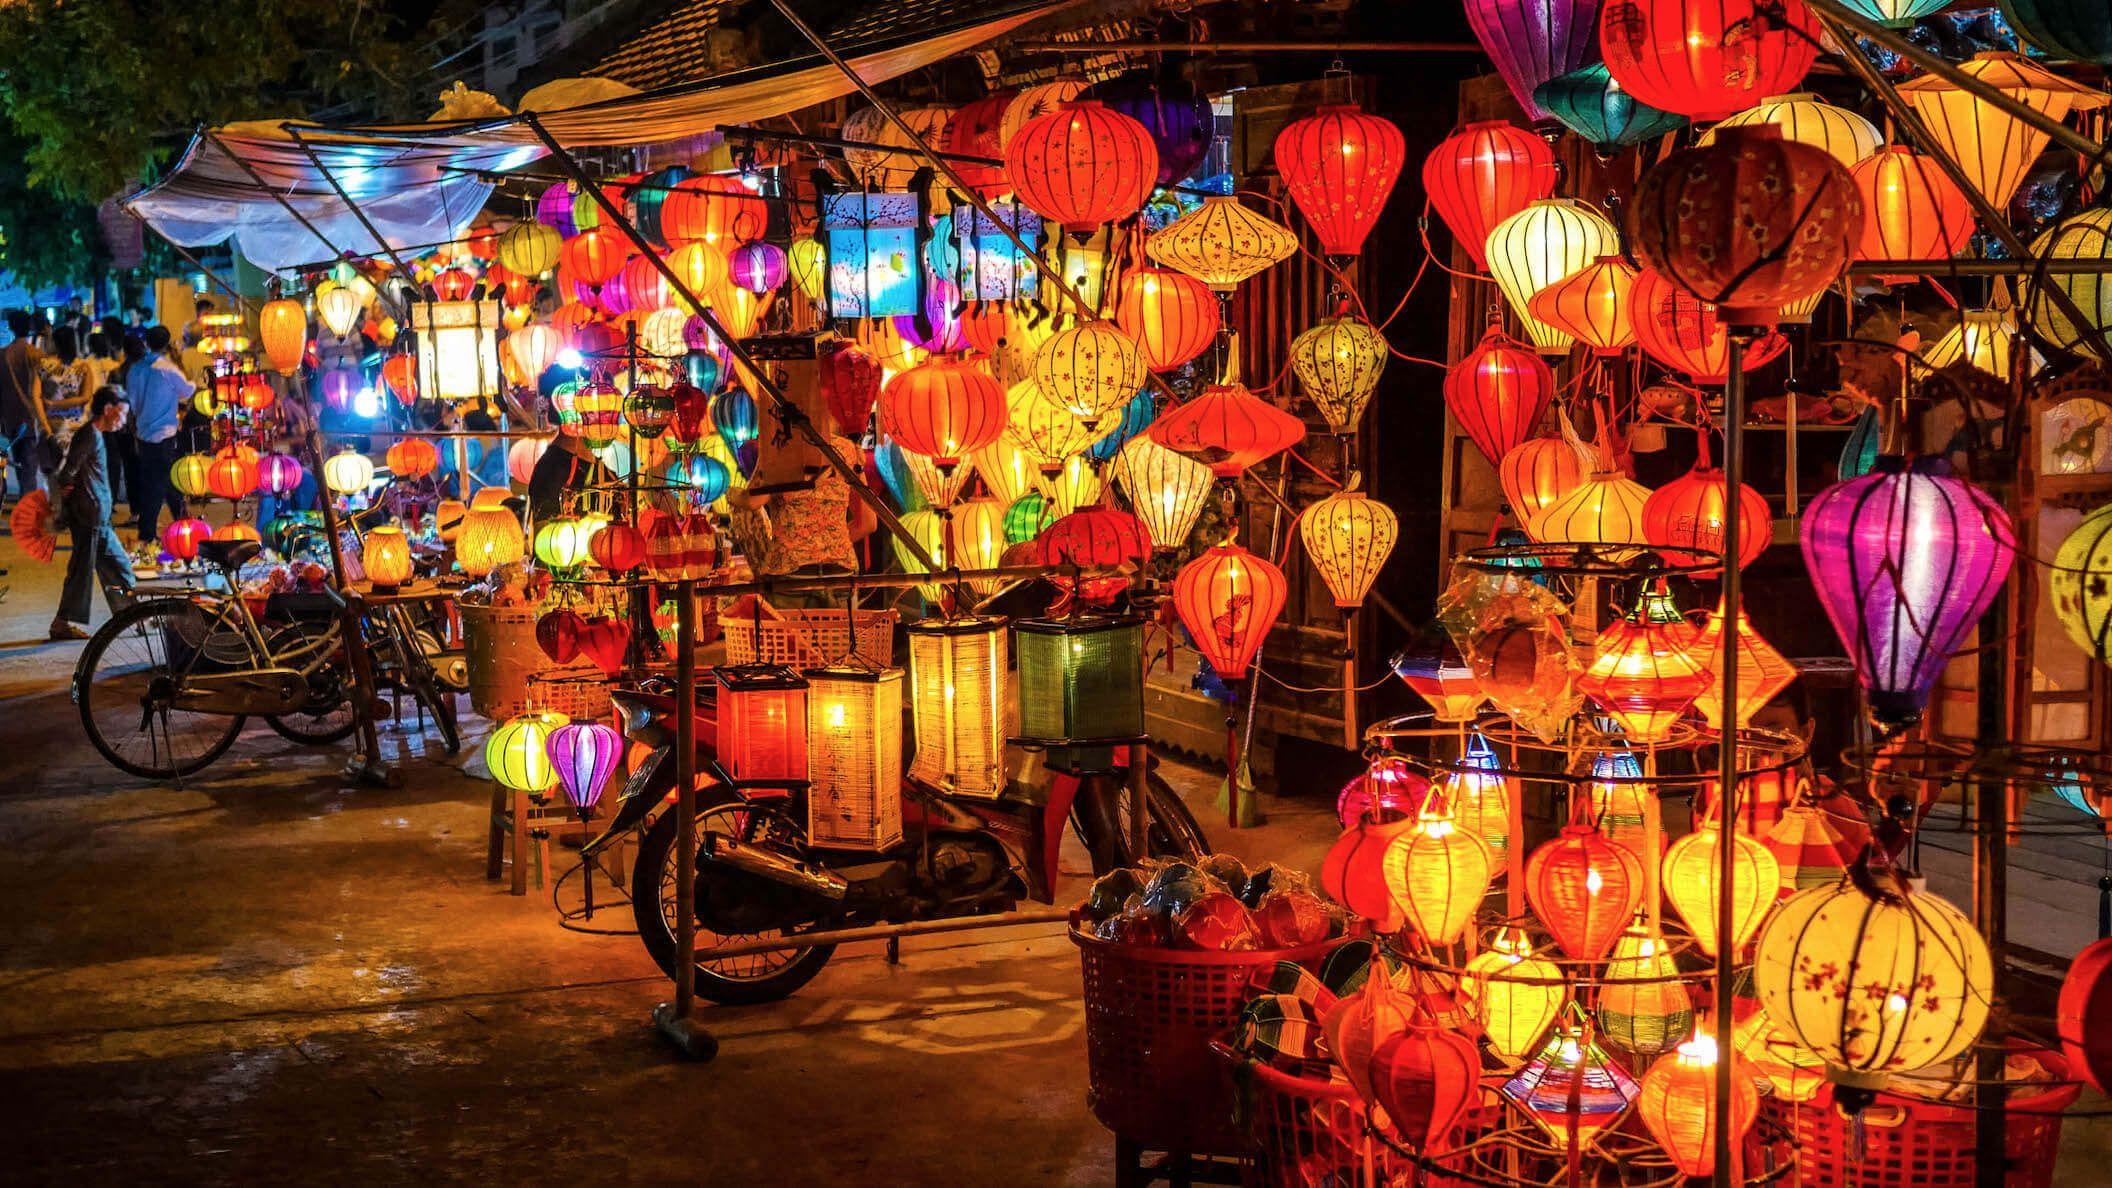 【星宇航空-早去午回】中越峴港粉紅教堂、巴拿山黃金佛手+夜遊會安古鎮五天